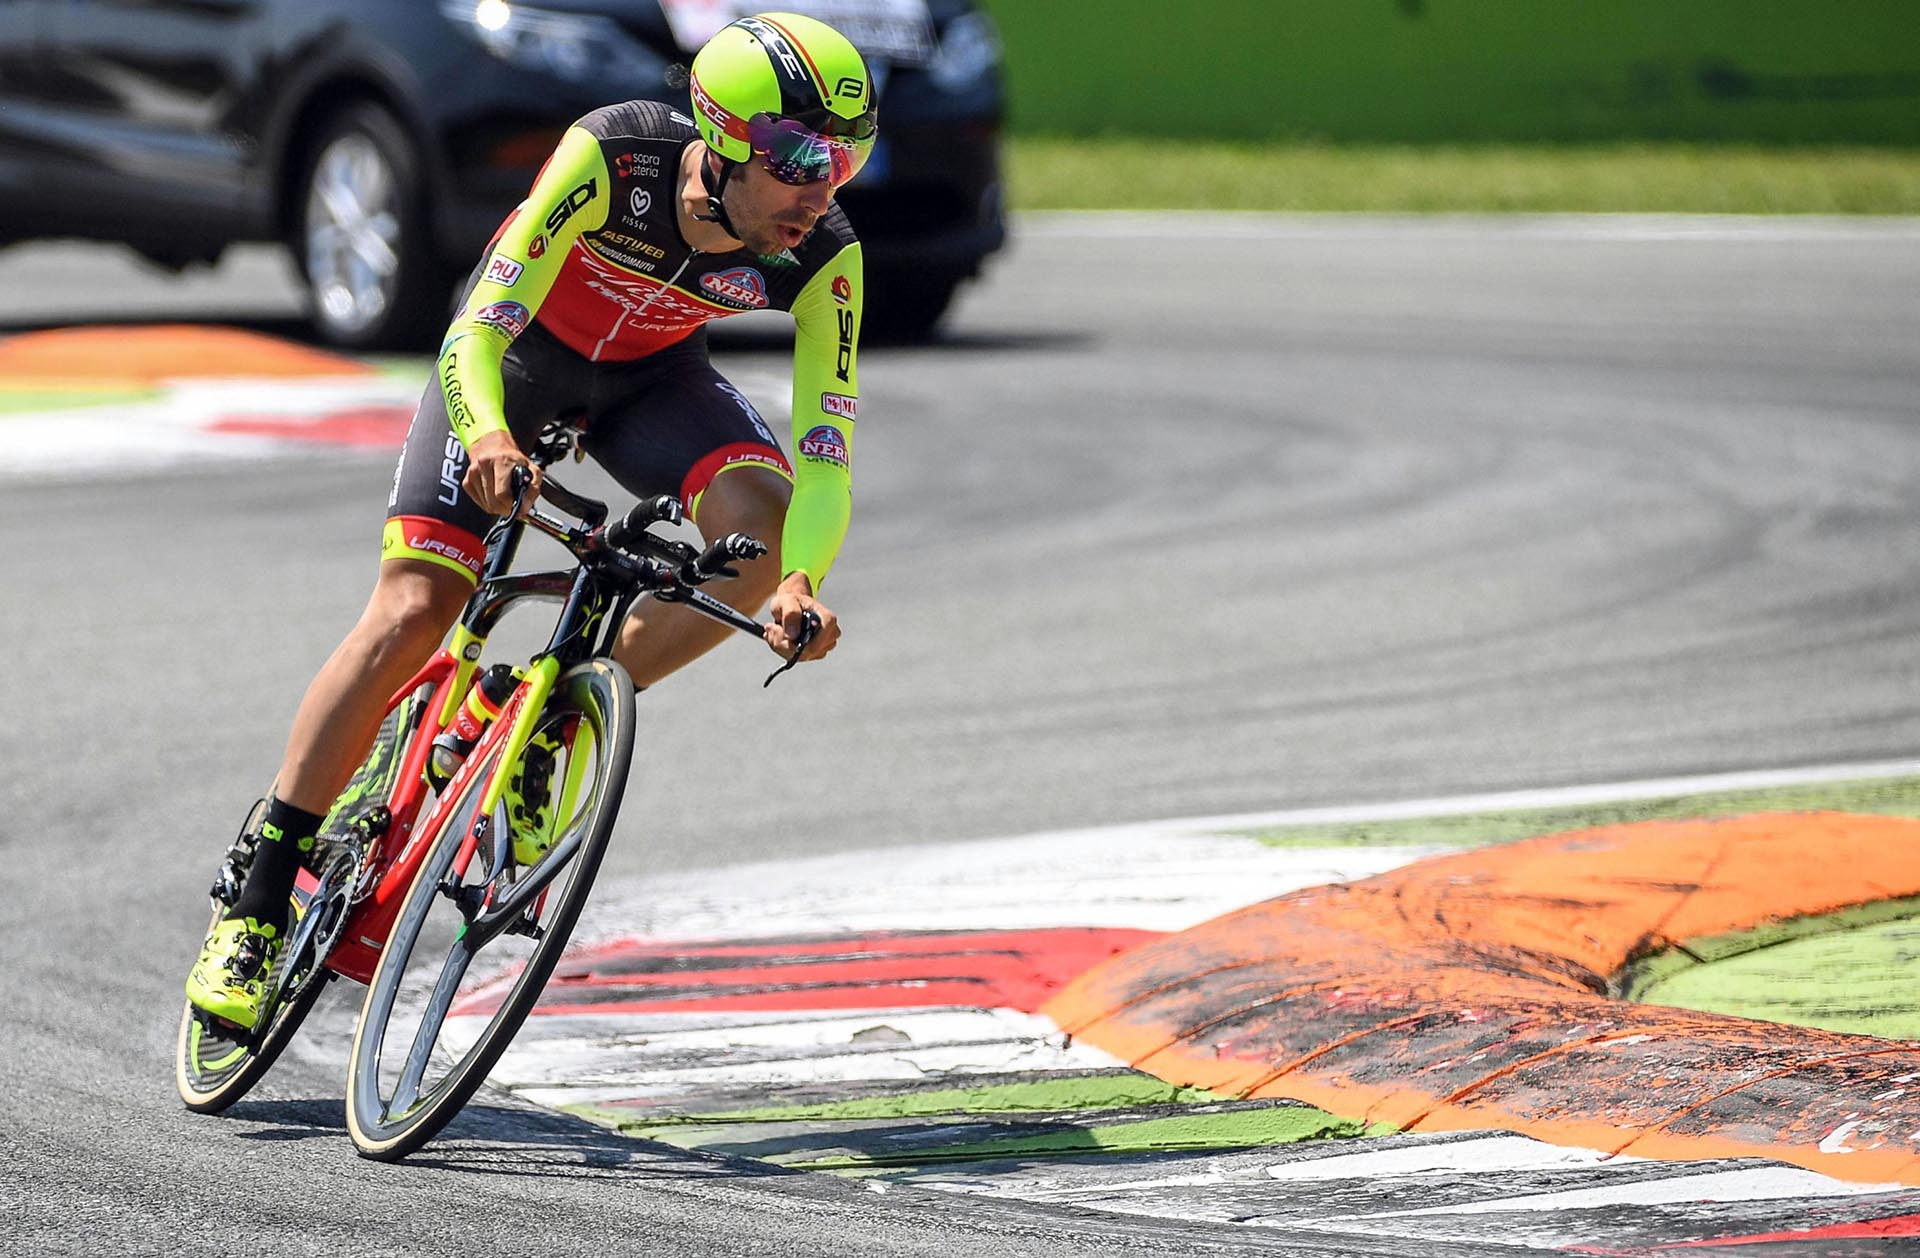 El italianoGiuseppe Fonzi en el autódromo deMonza